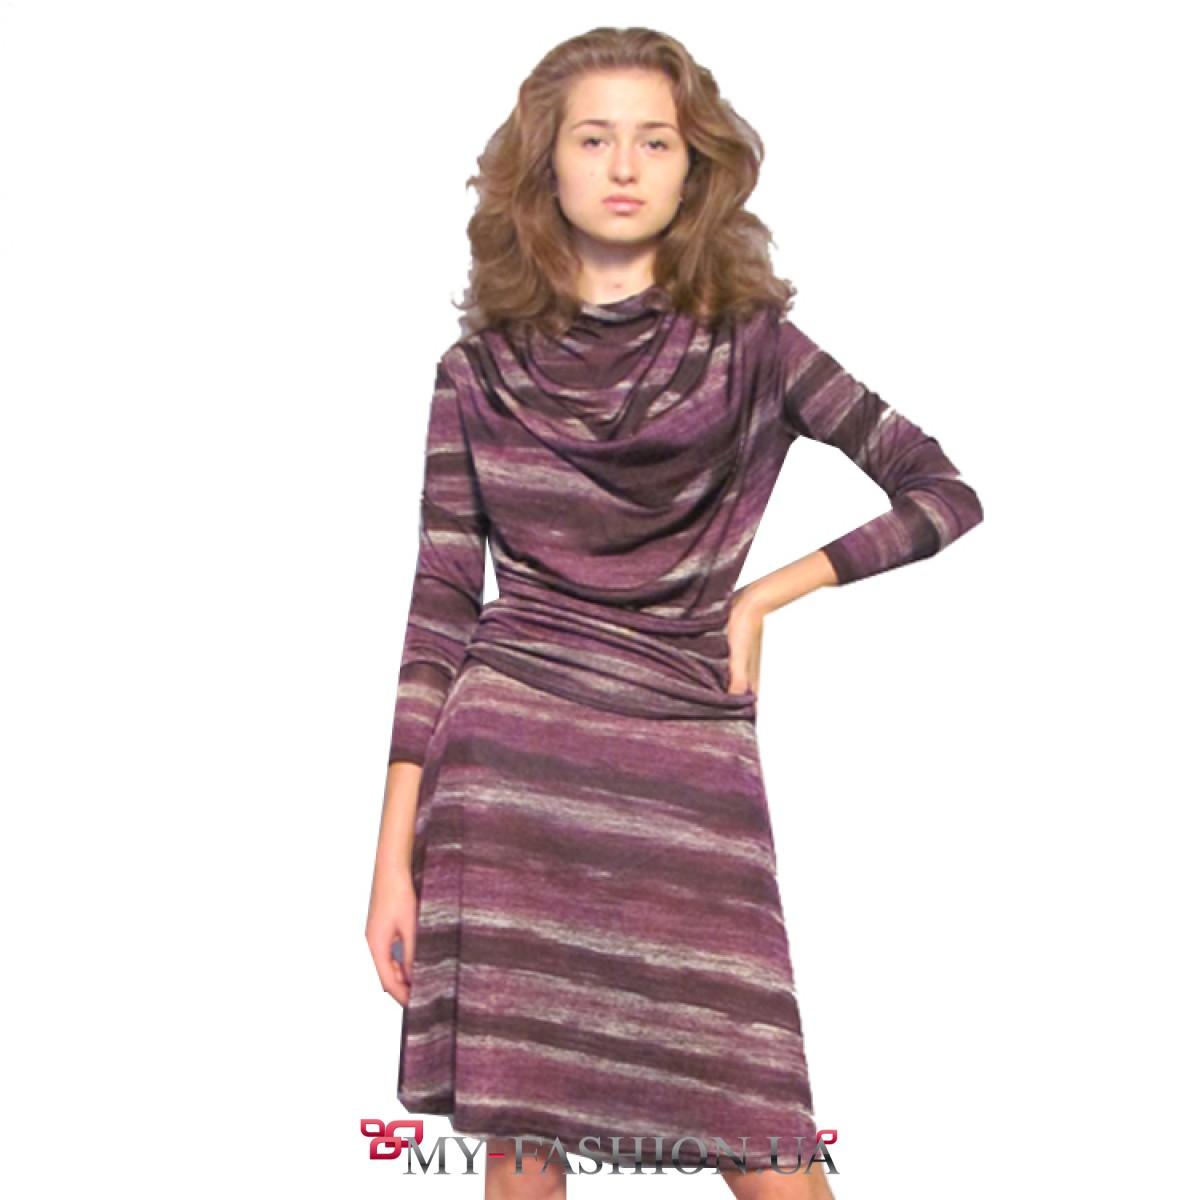 Купить красивую блузку недорого в Красноярске